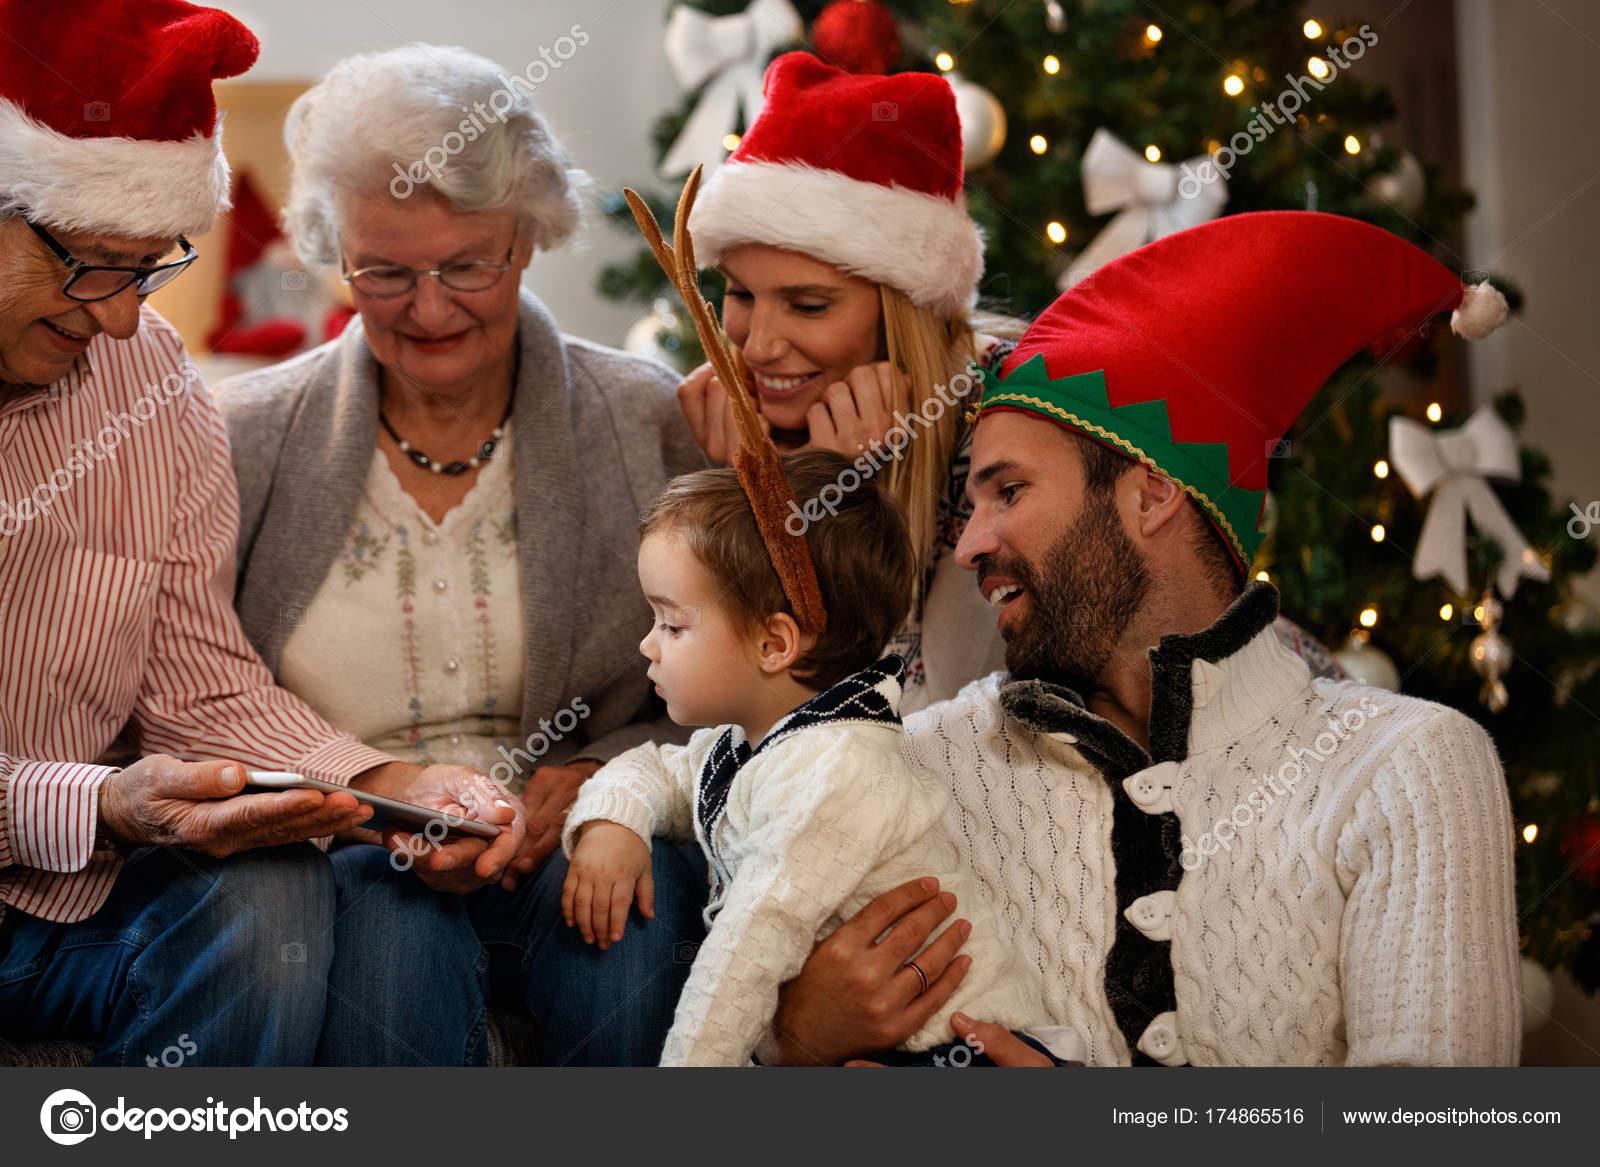 Weihnachtsbilder Suchen.Familie Sucht Weihnachtsbilder Auf Handy Stockfoto Luckybusiness